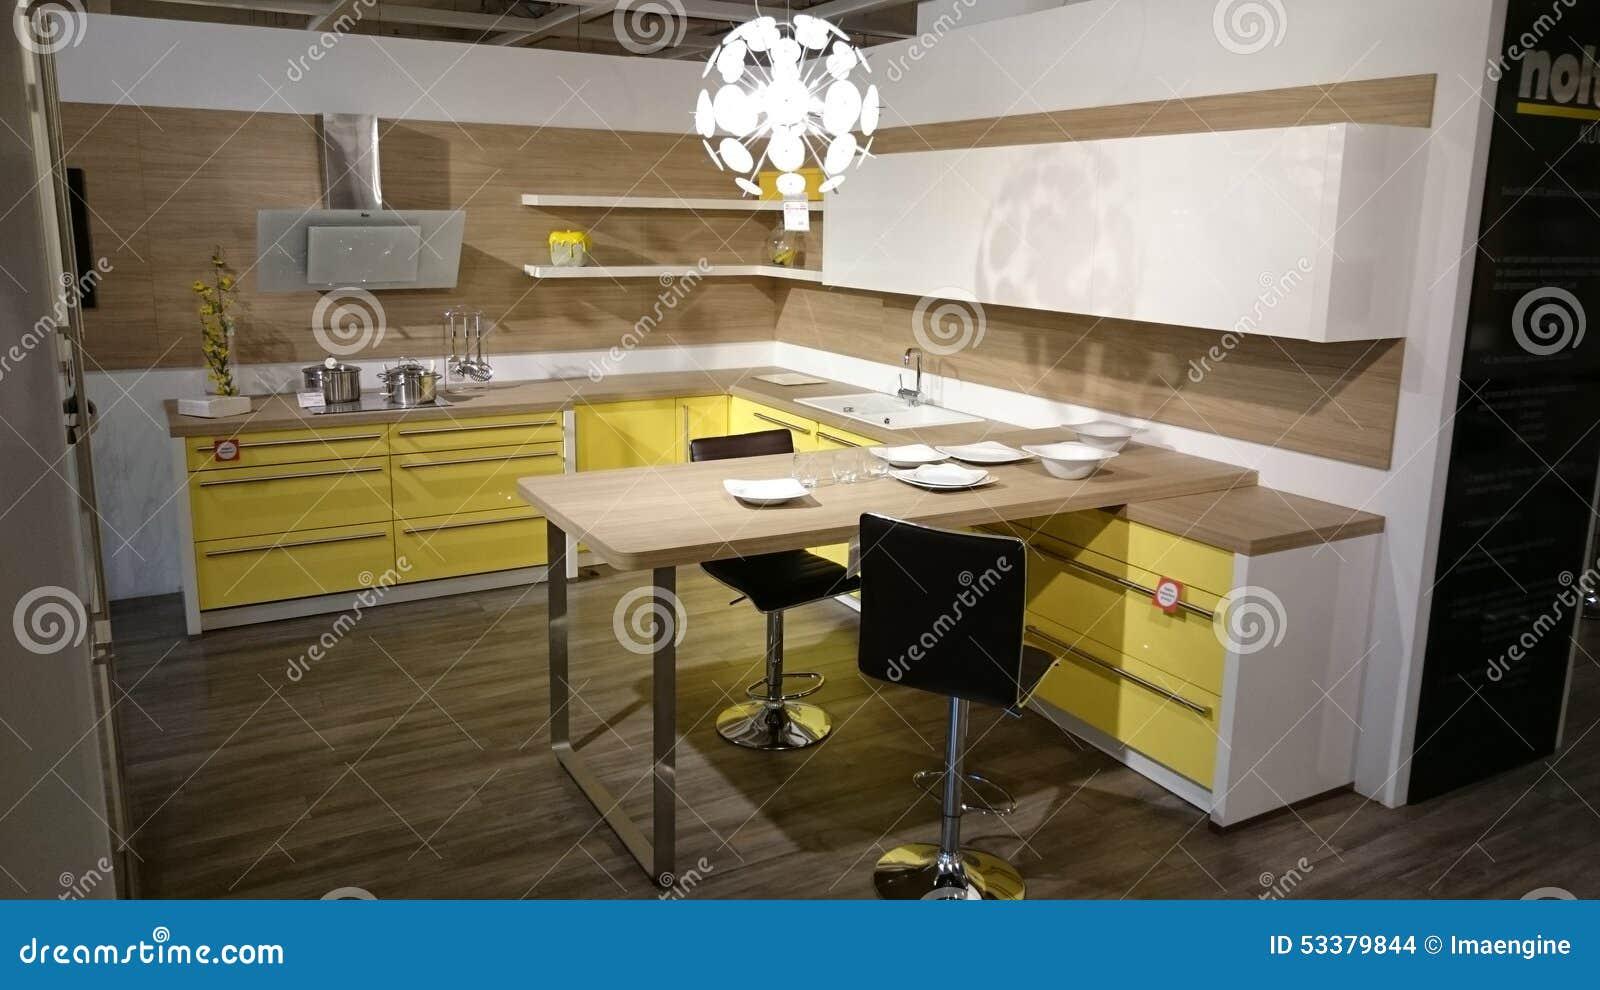 Diseño Interior Casero: Muebles Modernos De La Cocina Imagen de ...